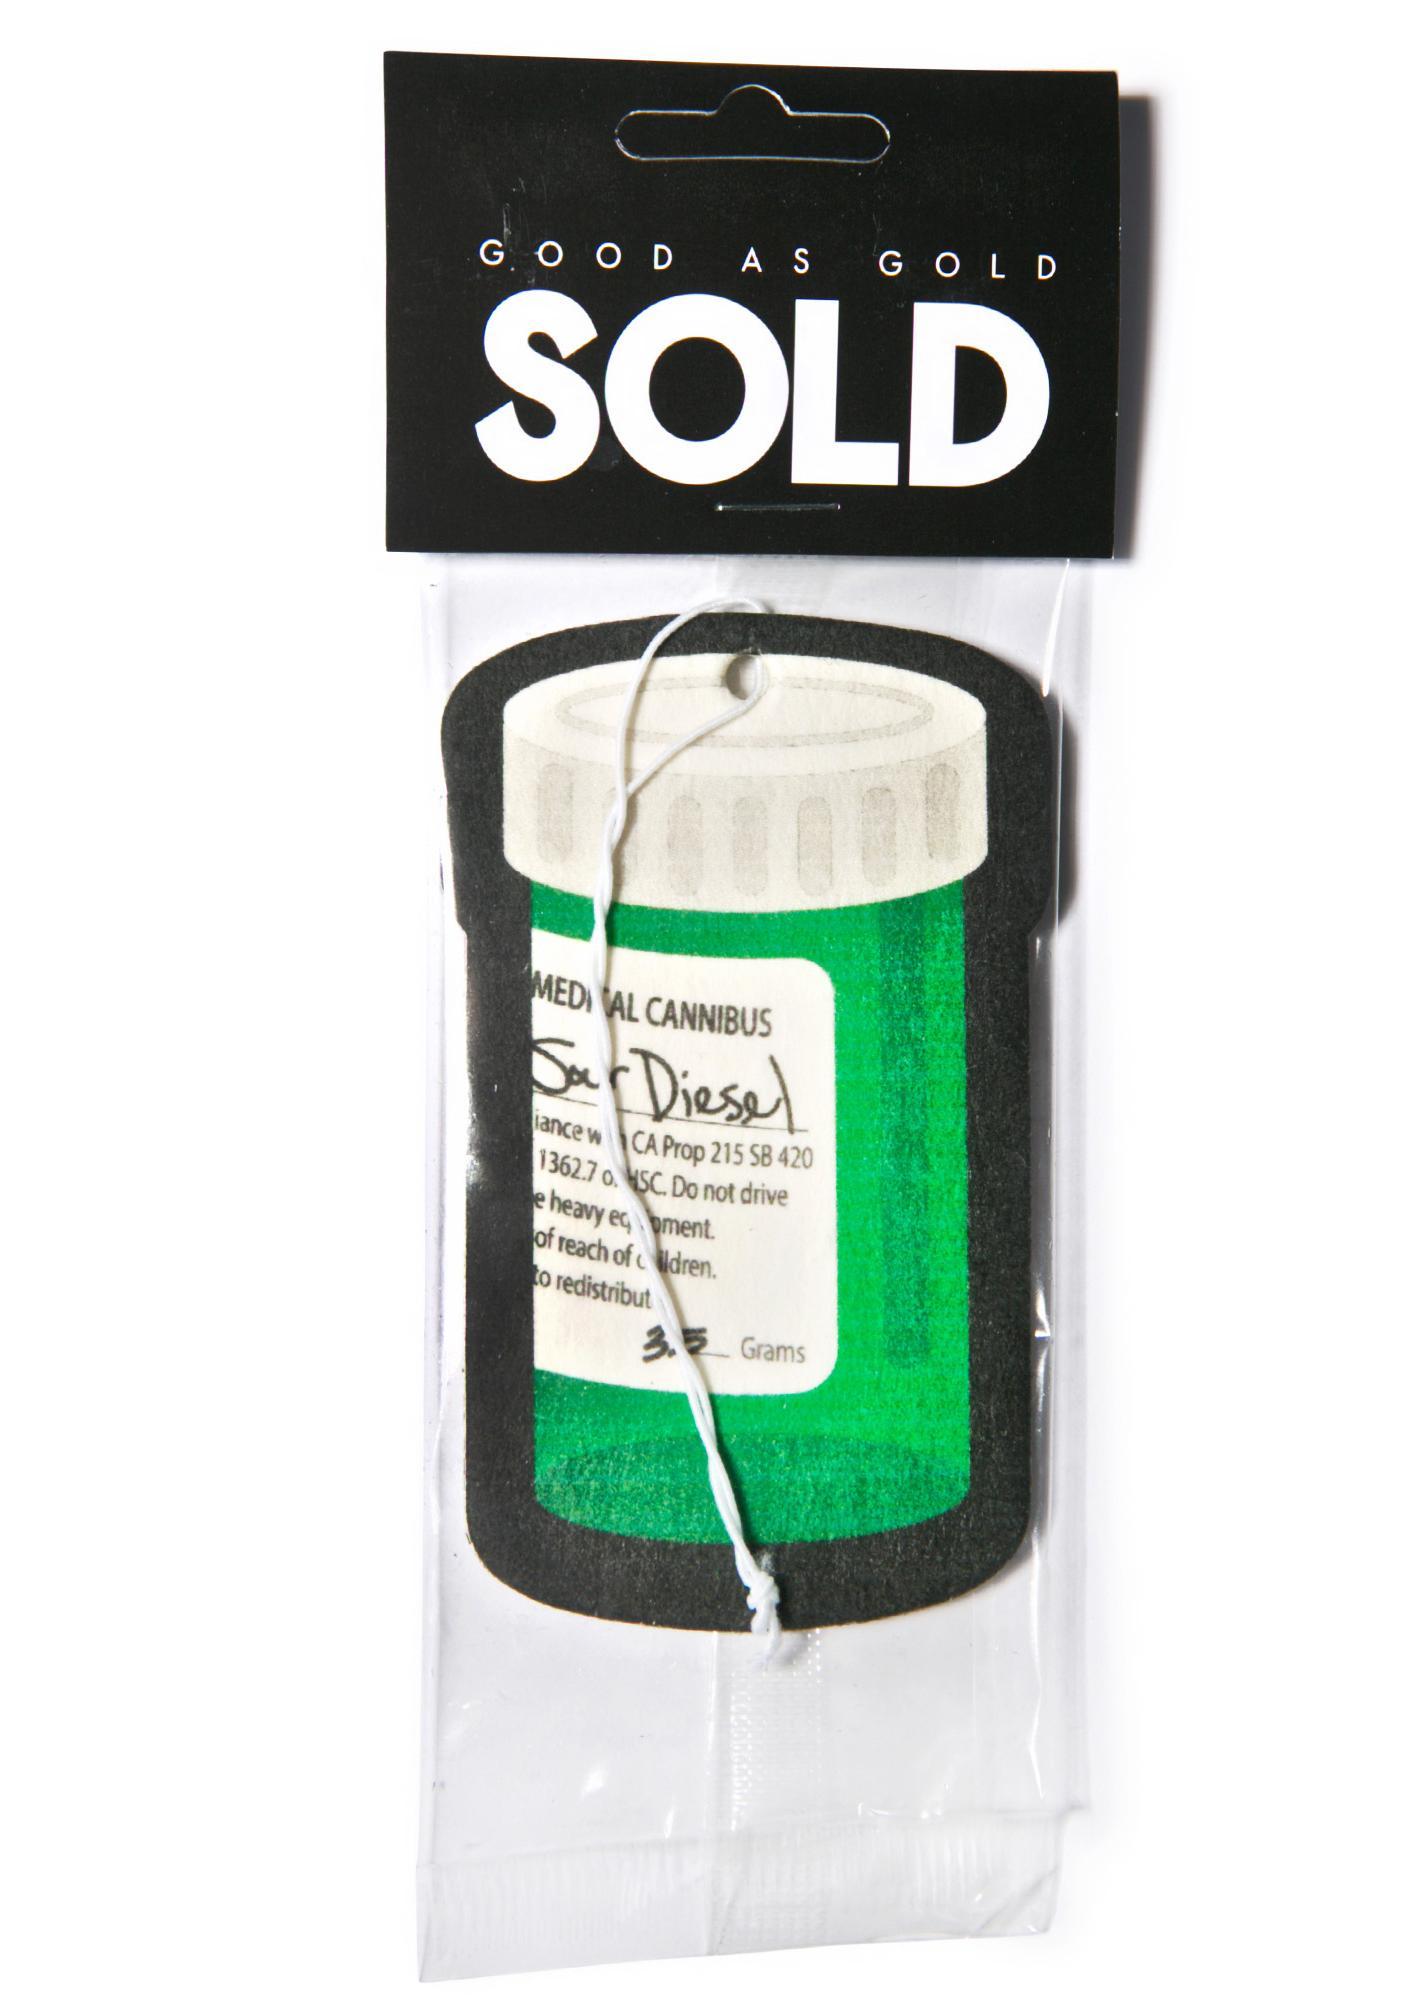 Sour Diesel Air Freshener